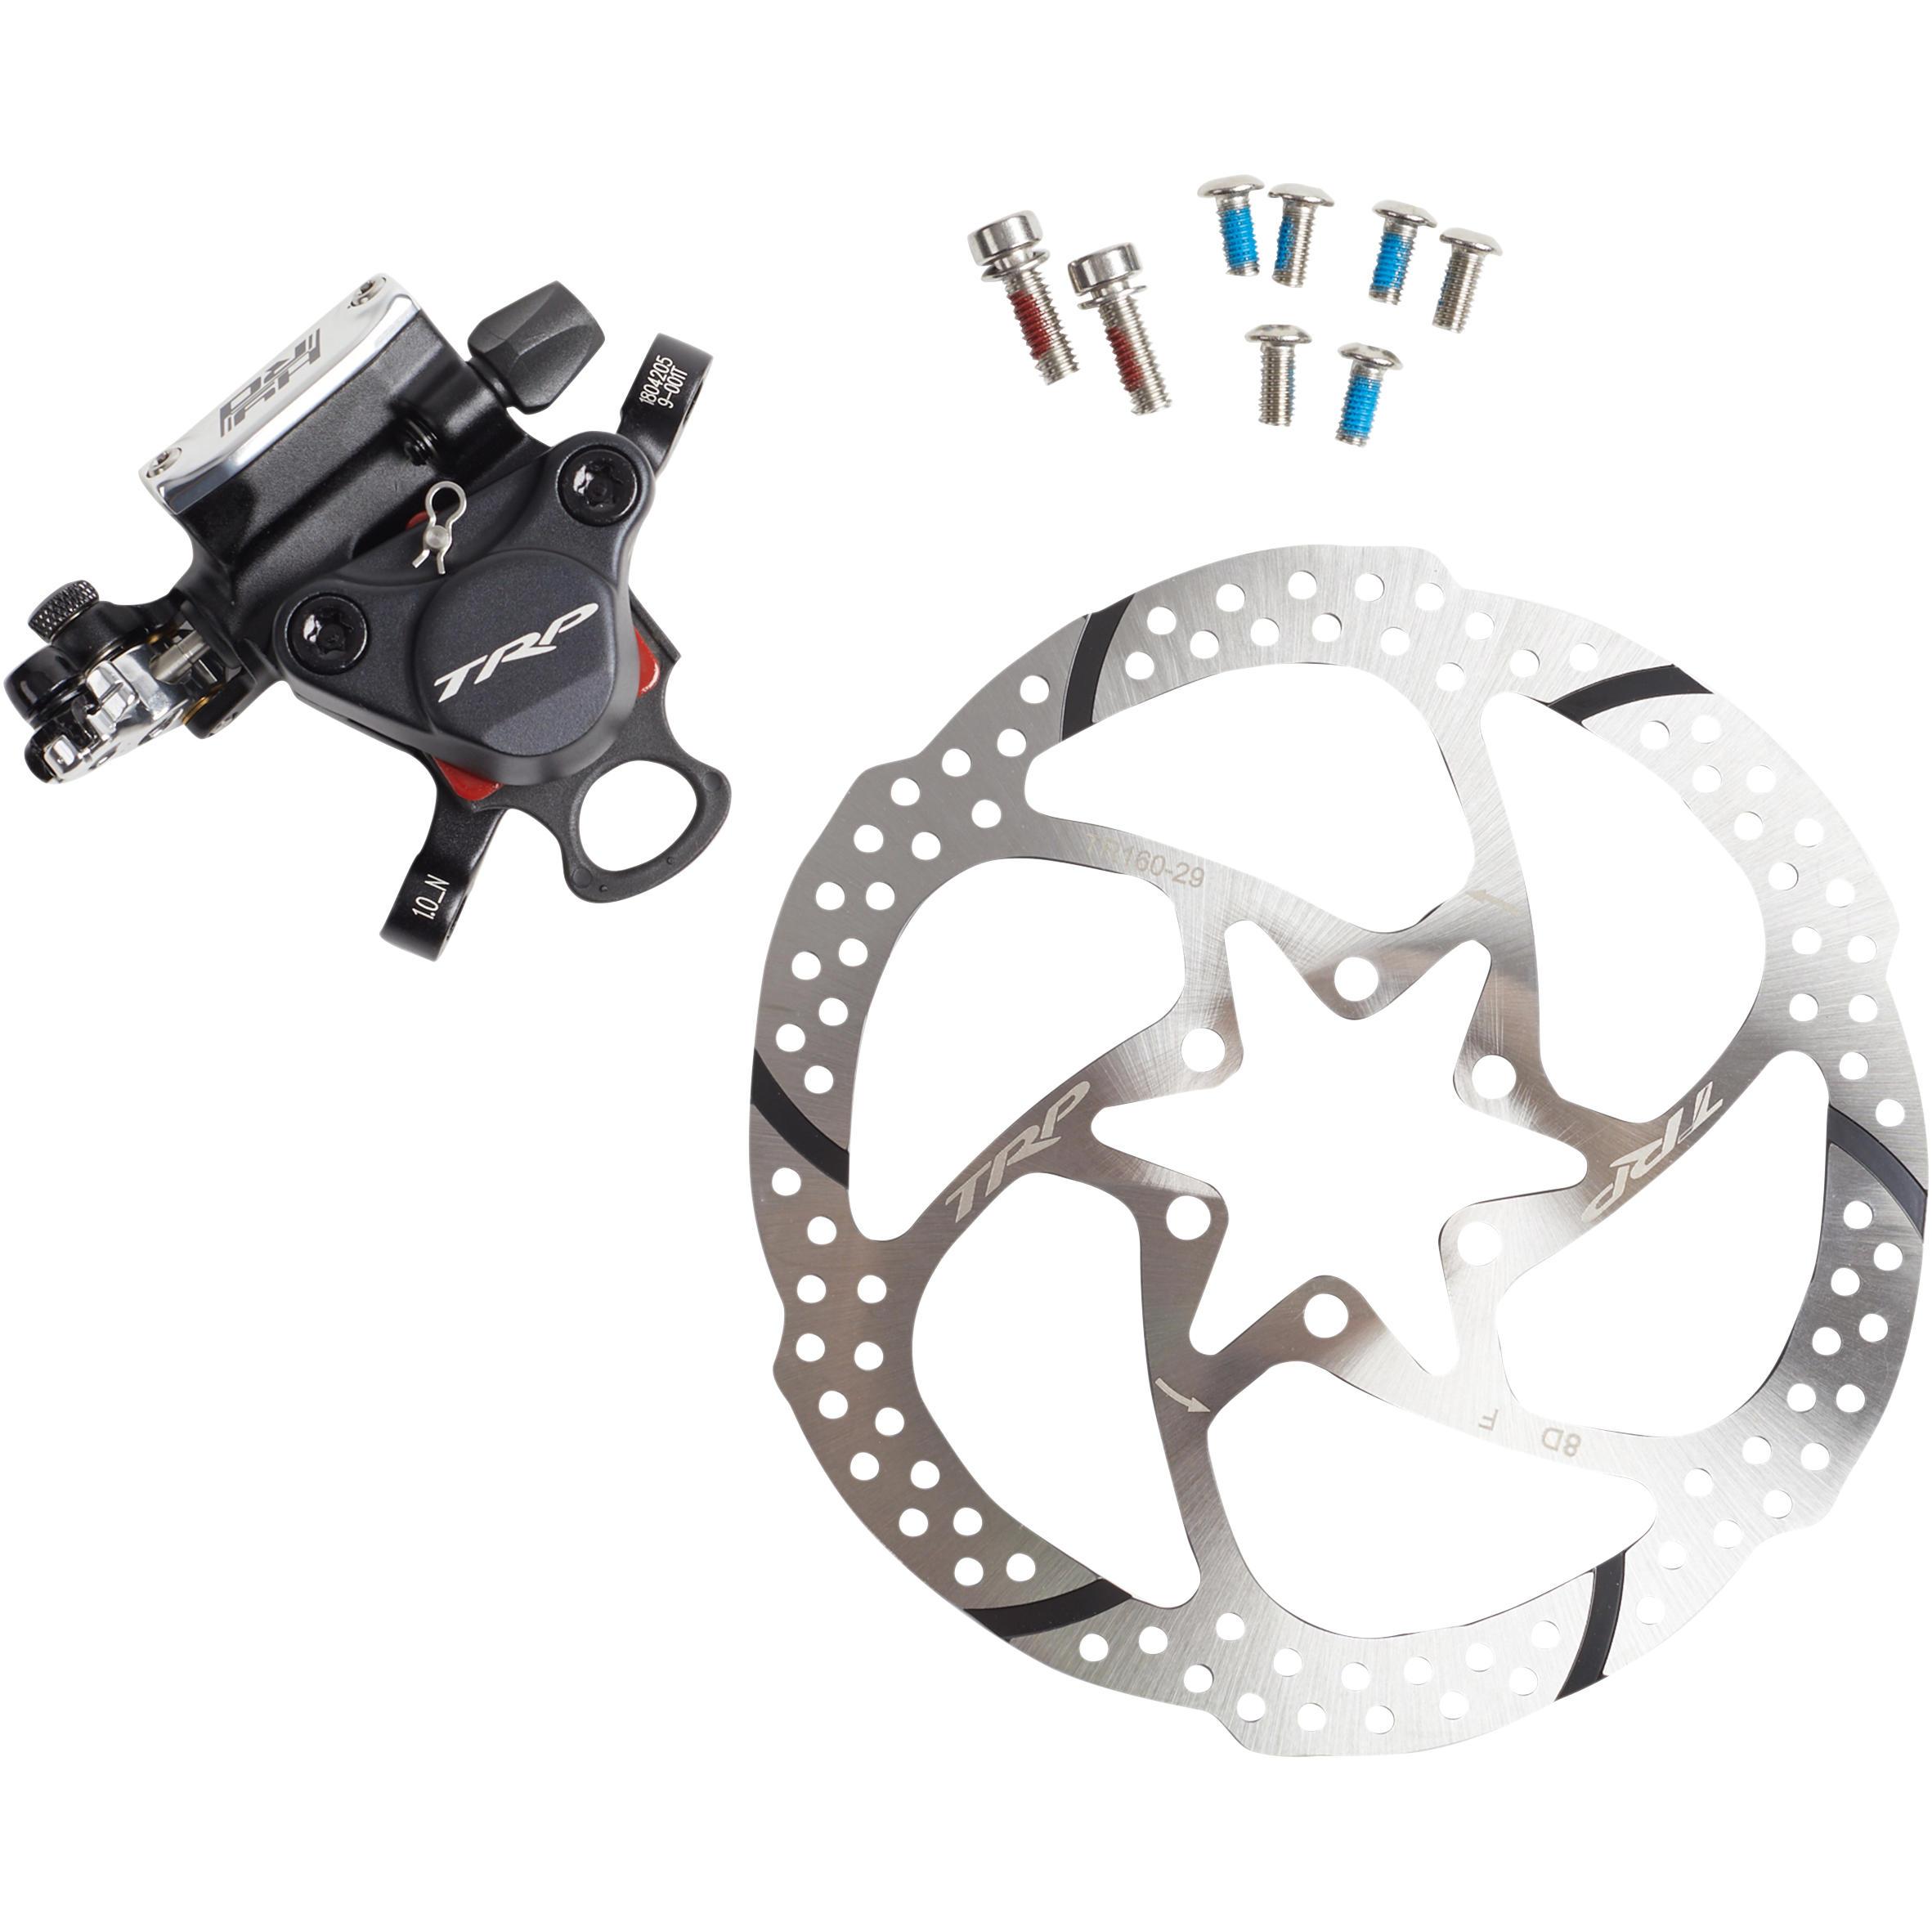 e4e6d7aabbd Comprar Frenos, Discos y Pastillas de Bicicleta Online | Decathlon